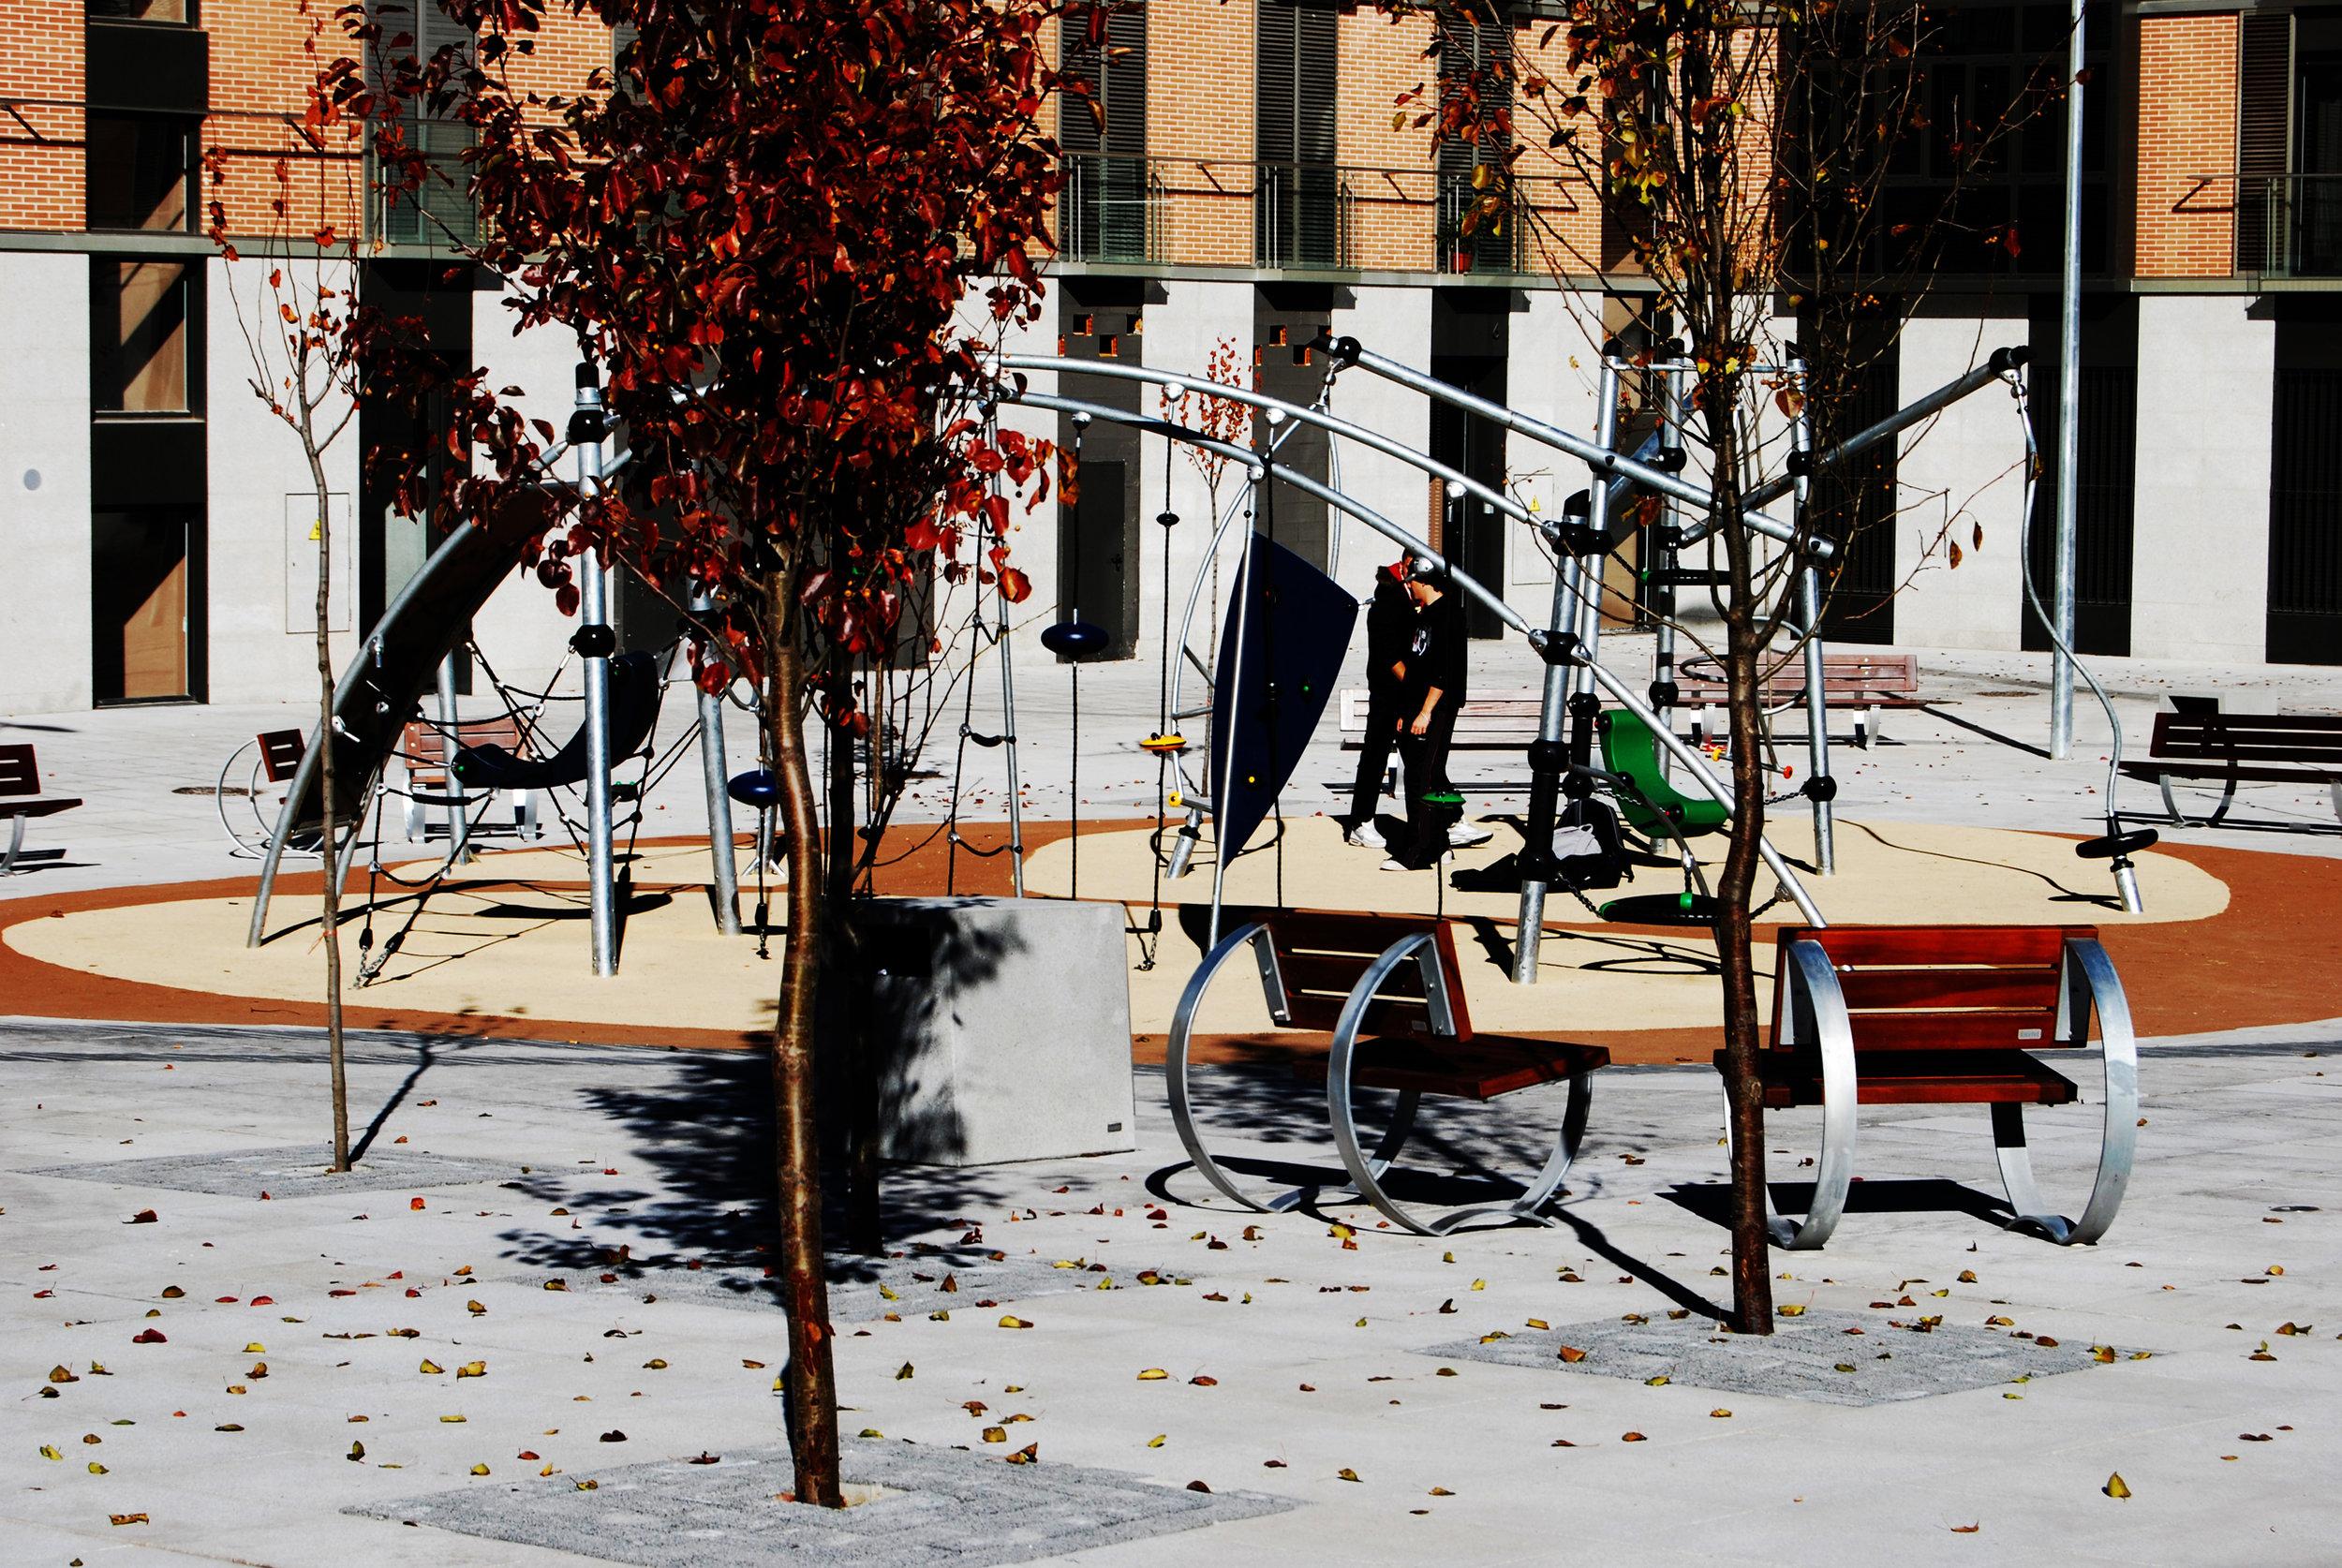 Plaza de las Carmelitas. Guadalajara, Spain